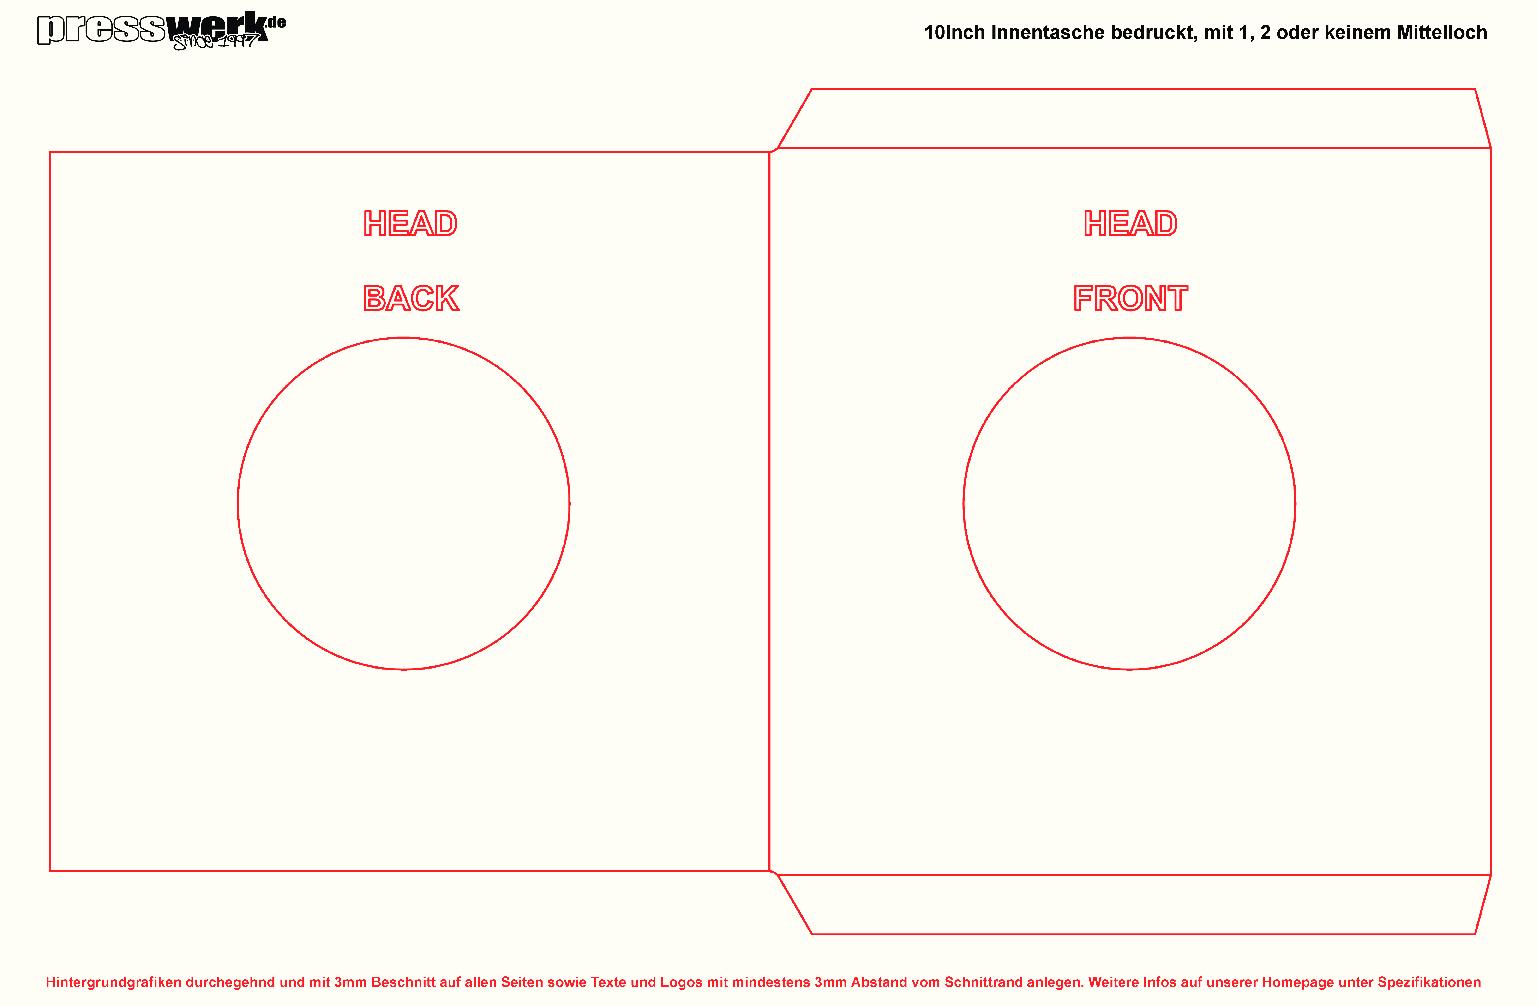 presswerk_de_10-Innentasche-1-2-0_Template_300dpiCMYK.pdf